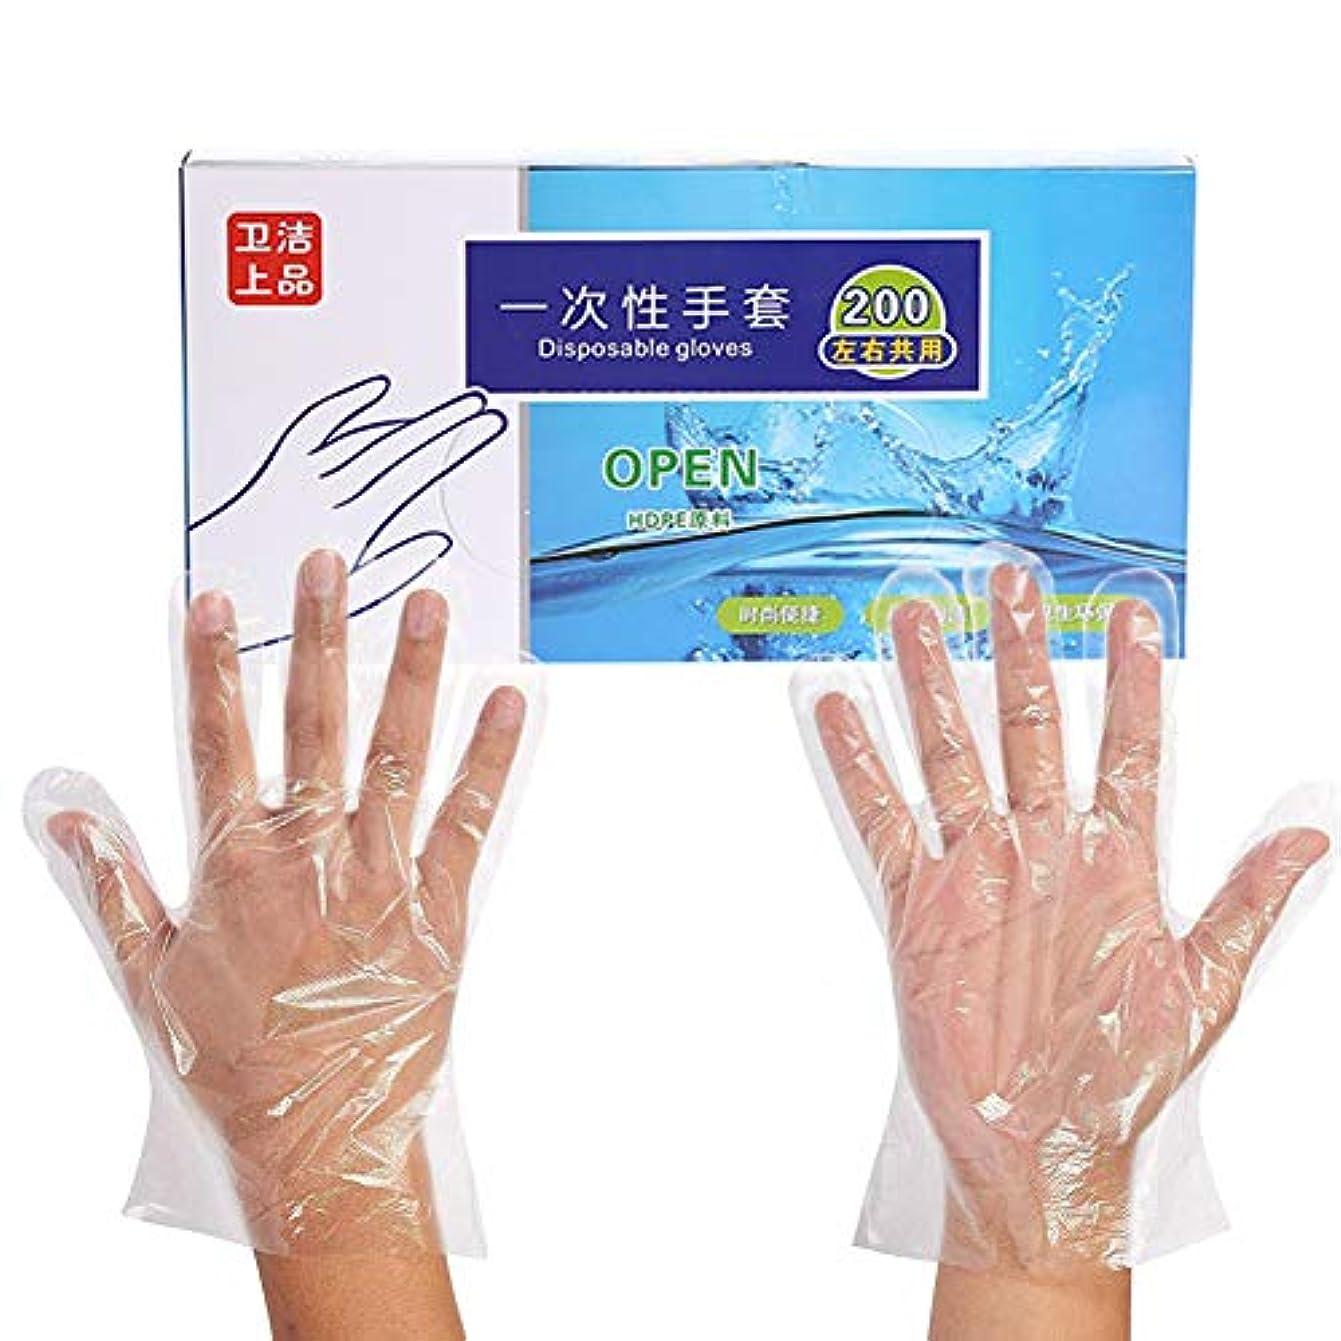 バング言い換えると避けるCangad 使い捨て手袋 極薄ビニール手袋 ポリエチ手袋 左右兼用 透明 調理用 食品 実用 セット極薄手袋 調理に?お掃除に?毛染めに 食品衛生法適合 400枚入